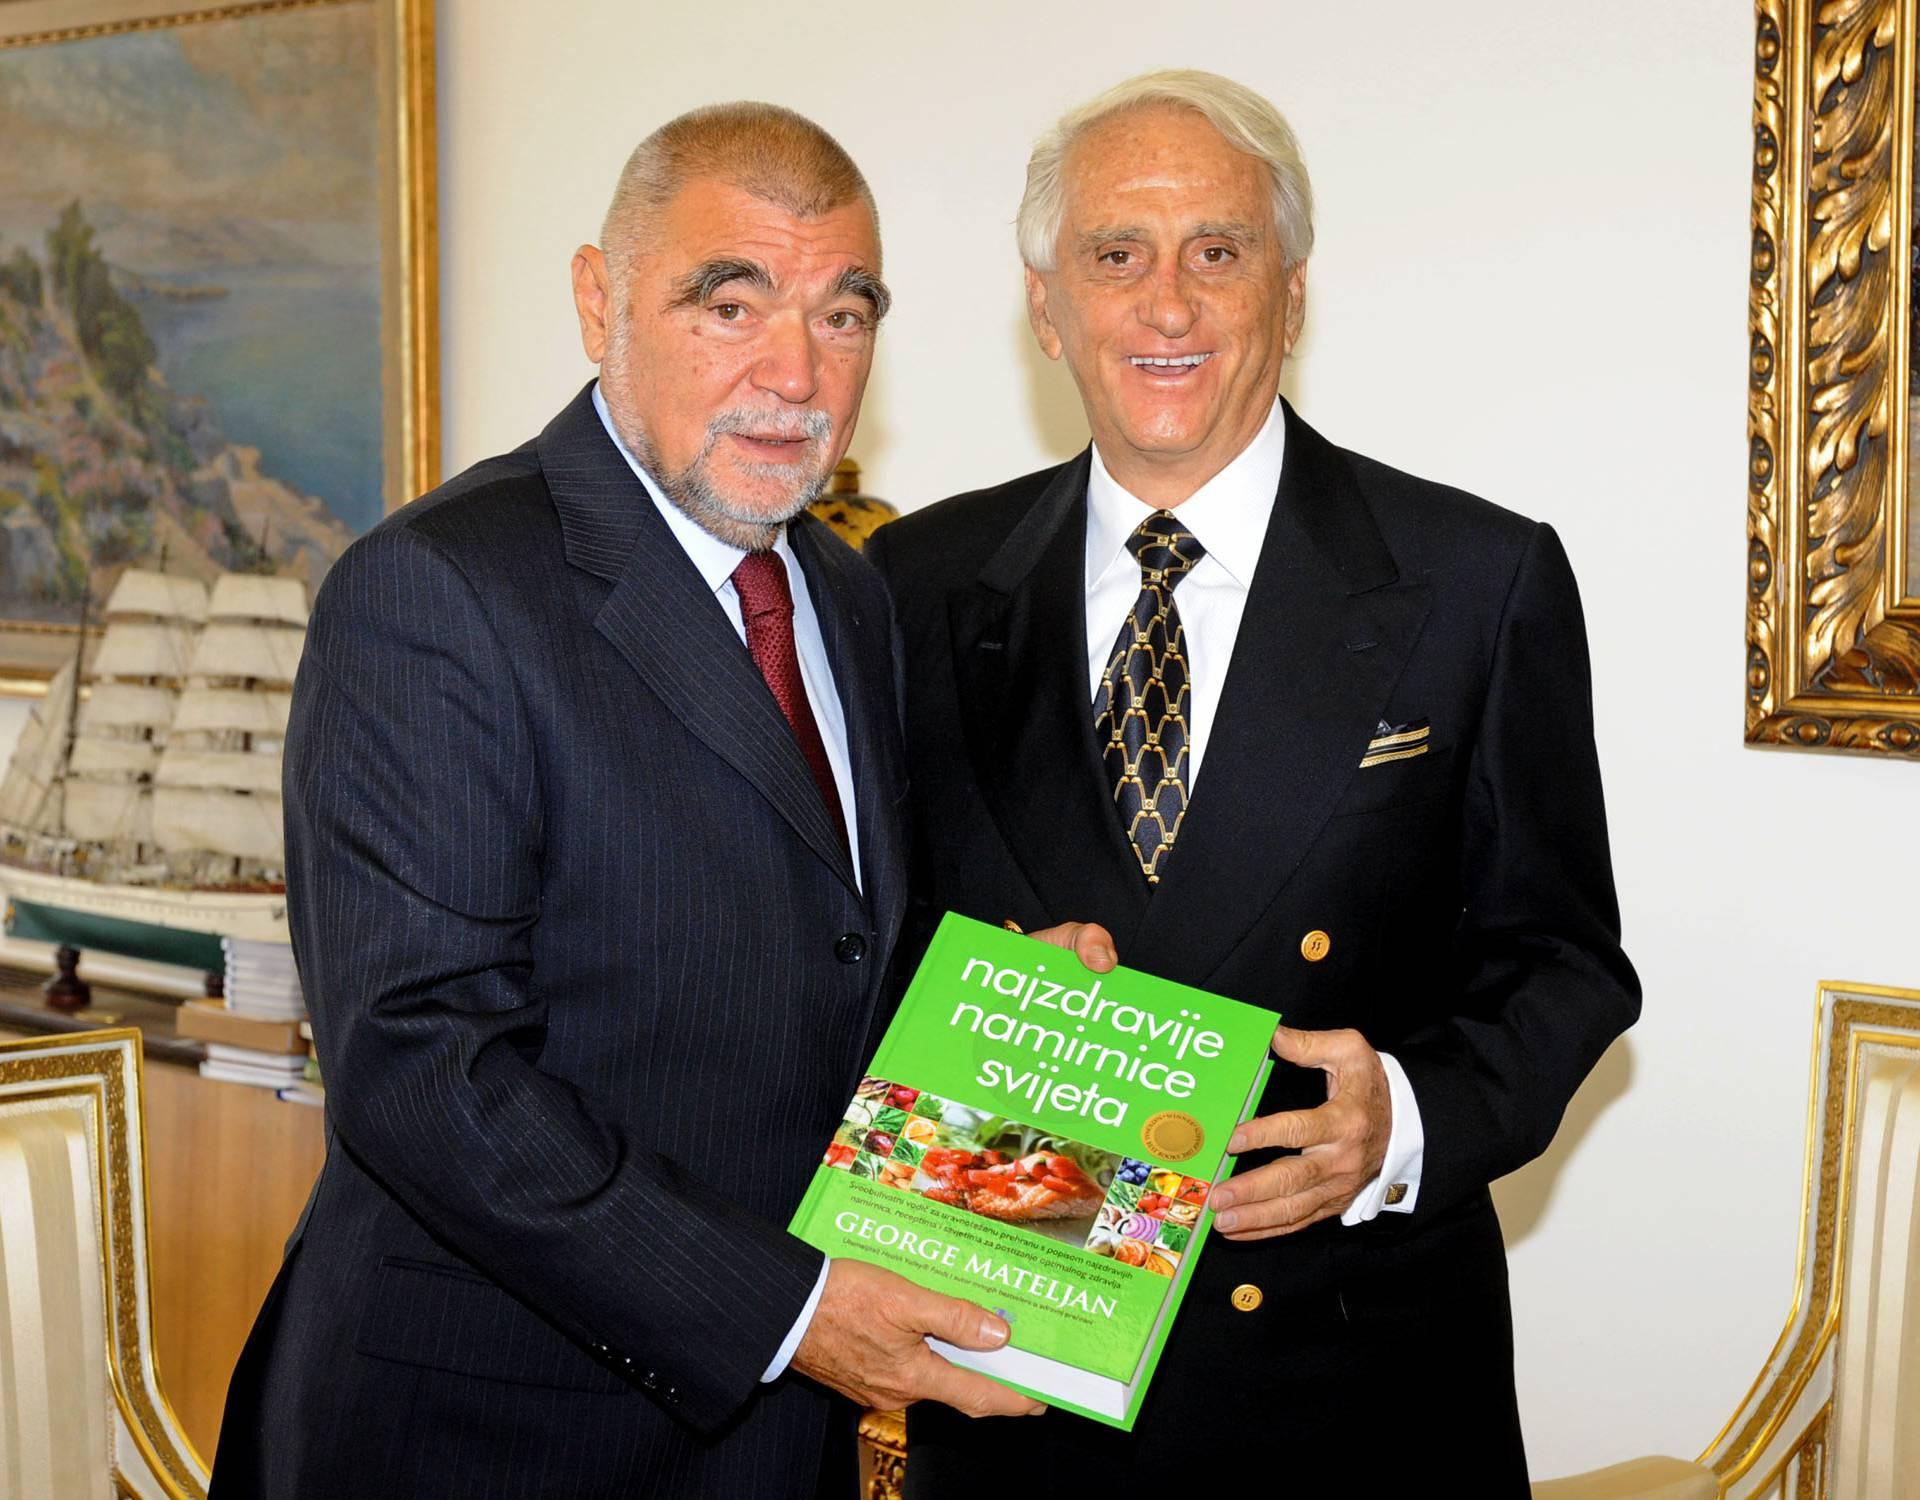 Splićanin izdao knjigu o 100 najzdravijih namirnica svijeta